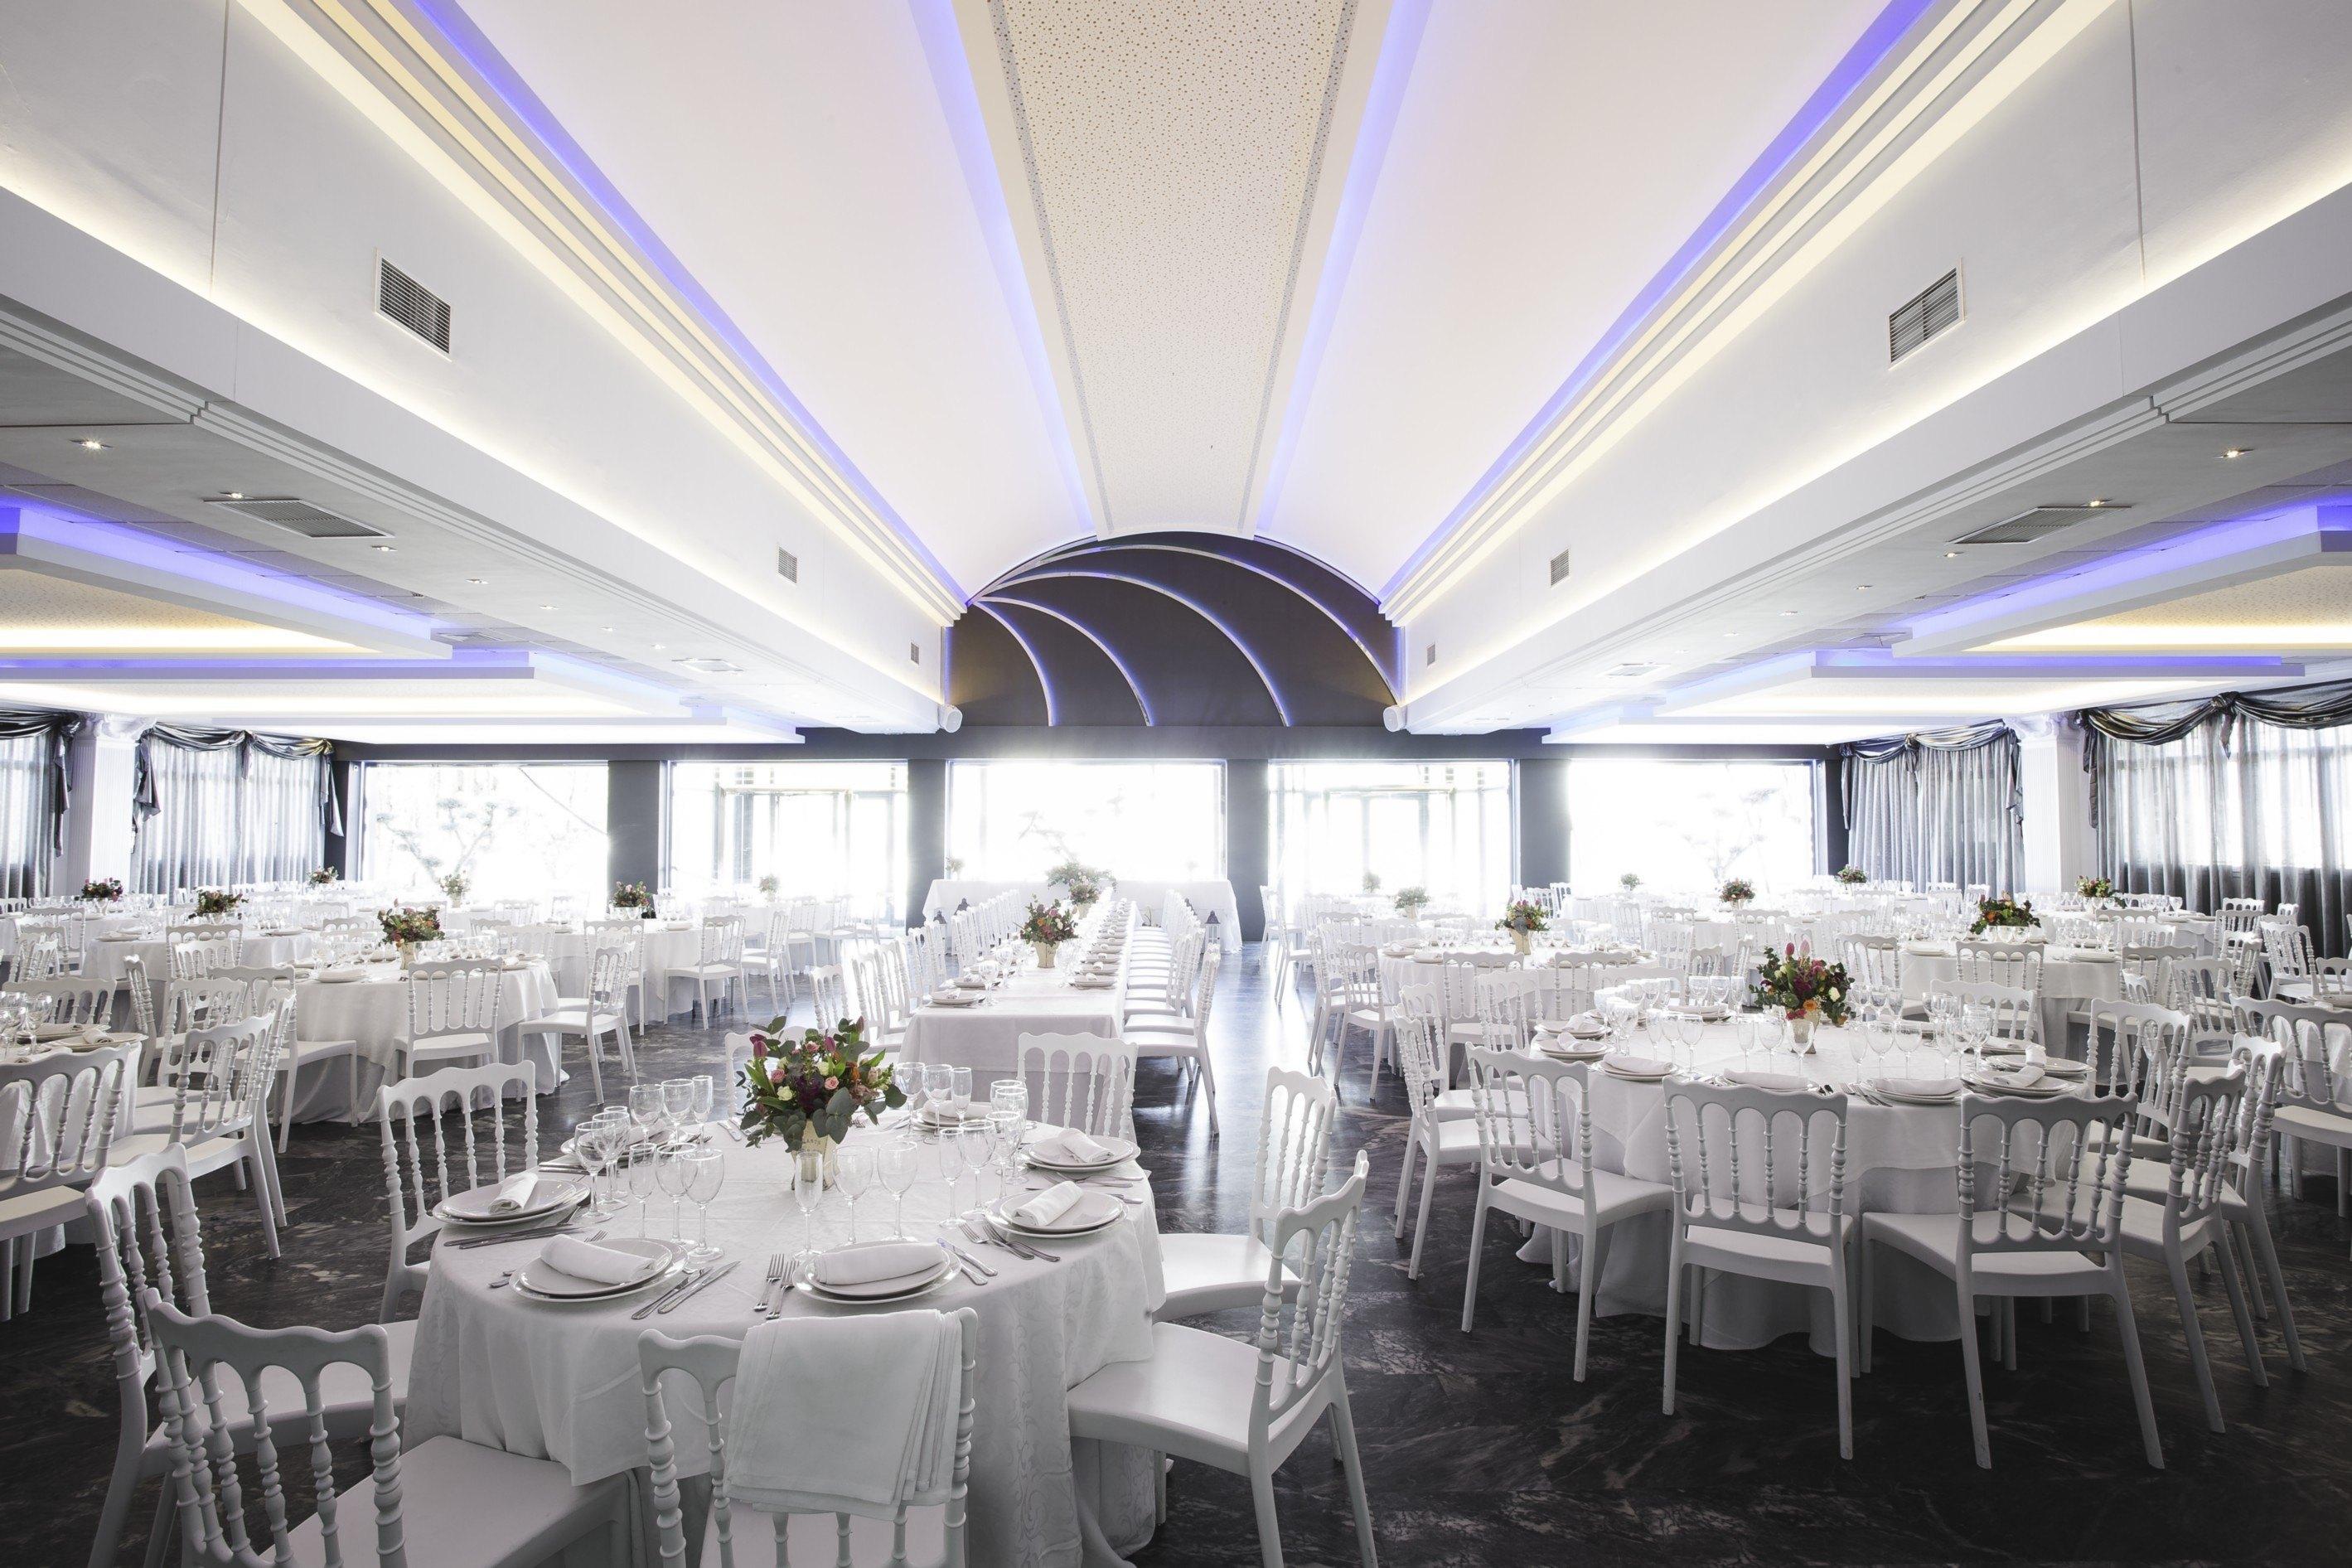 Salon de bodas Juanjo Petrer Alicante